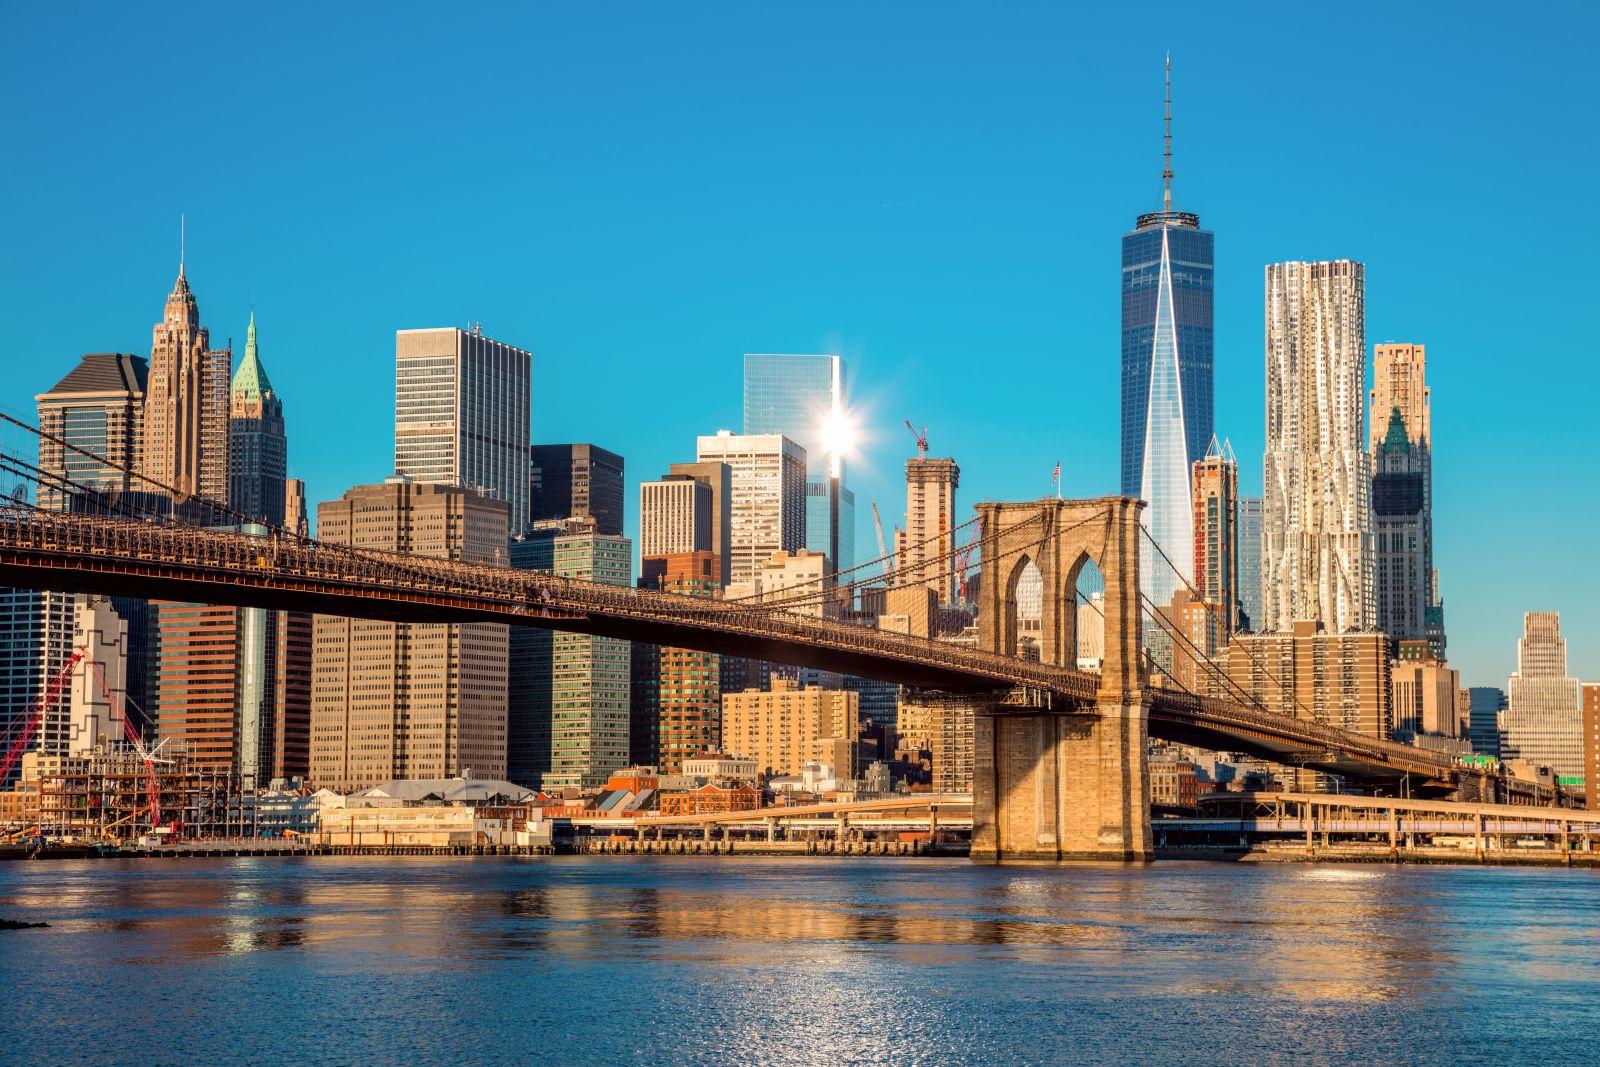 New York City ist nach wie vor das Traumziel vieler USA-Reisenden. Und auch 2018 ist es der Metropole gelungen, einen weiteren Besucherrekord aufzustellen.